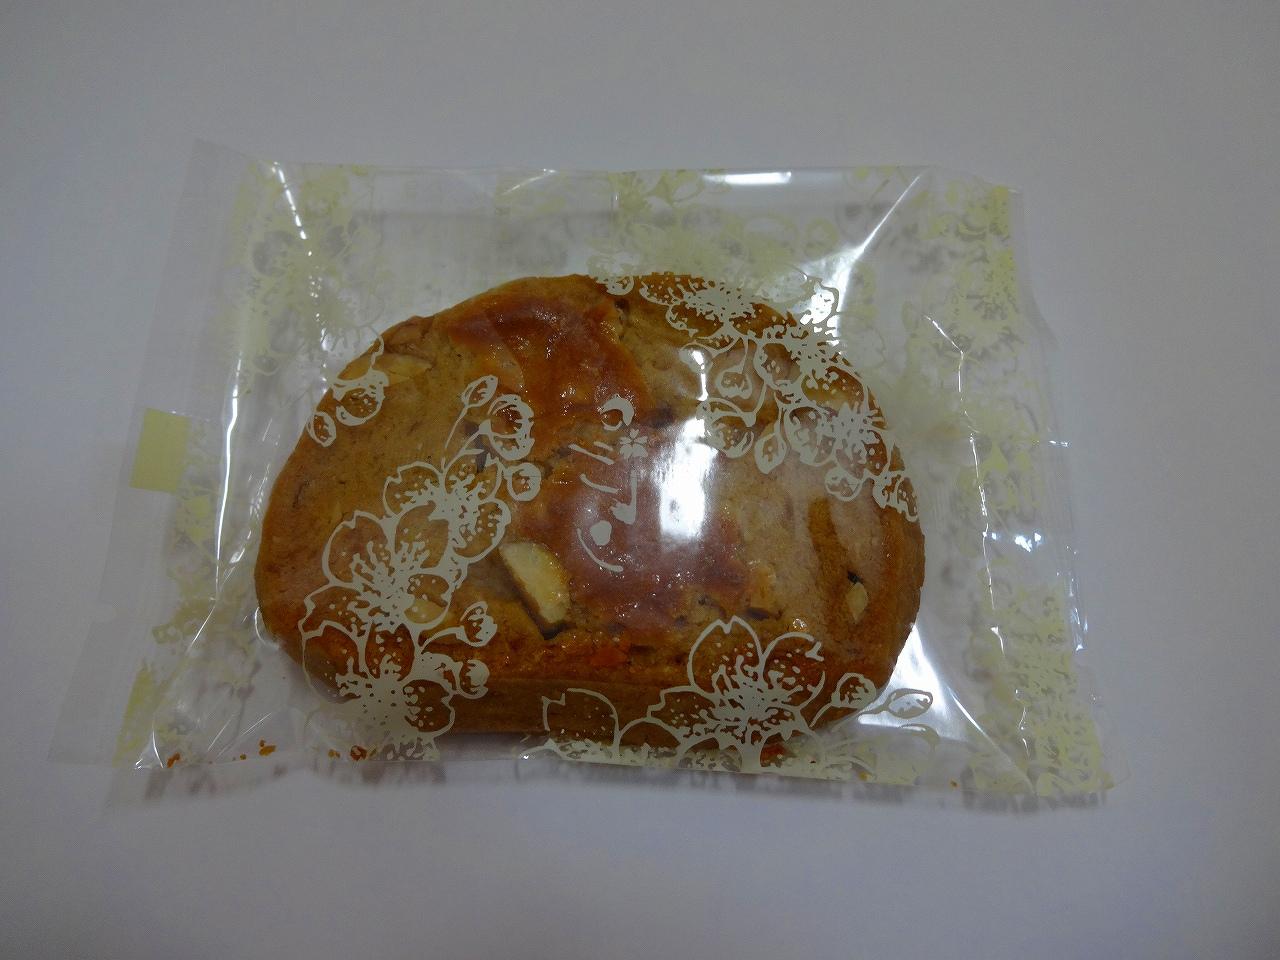 ロリアン洋菓子店201050302-001